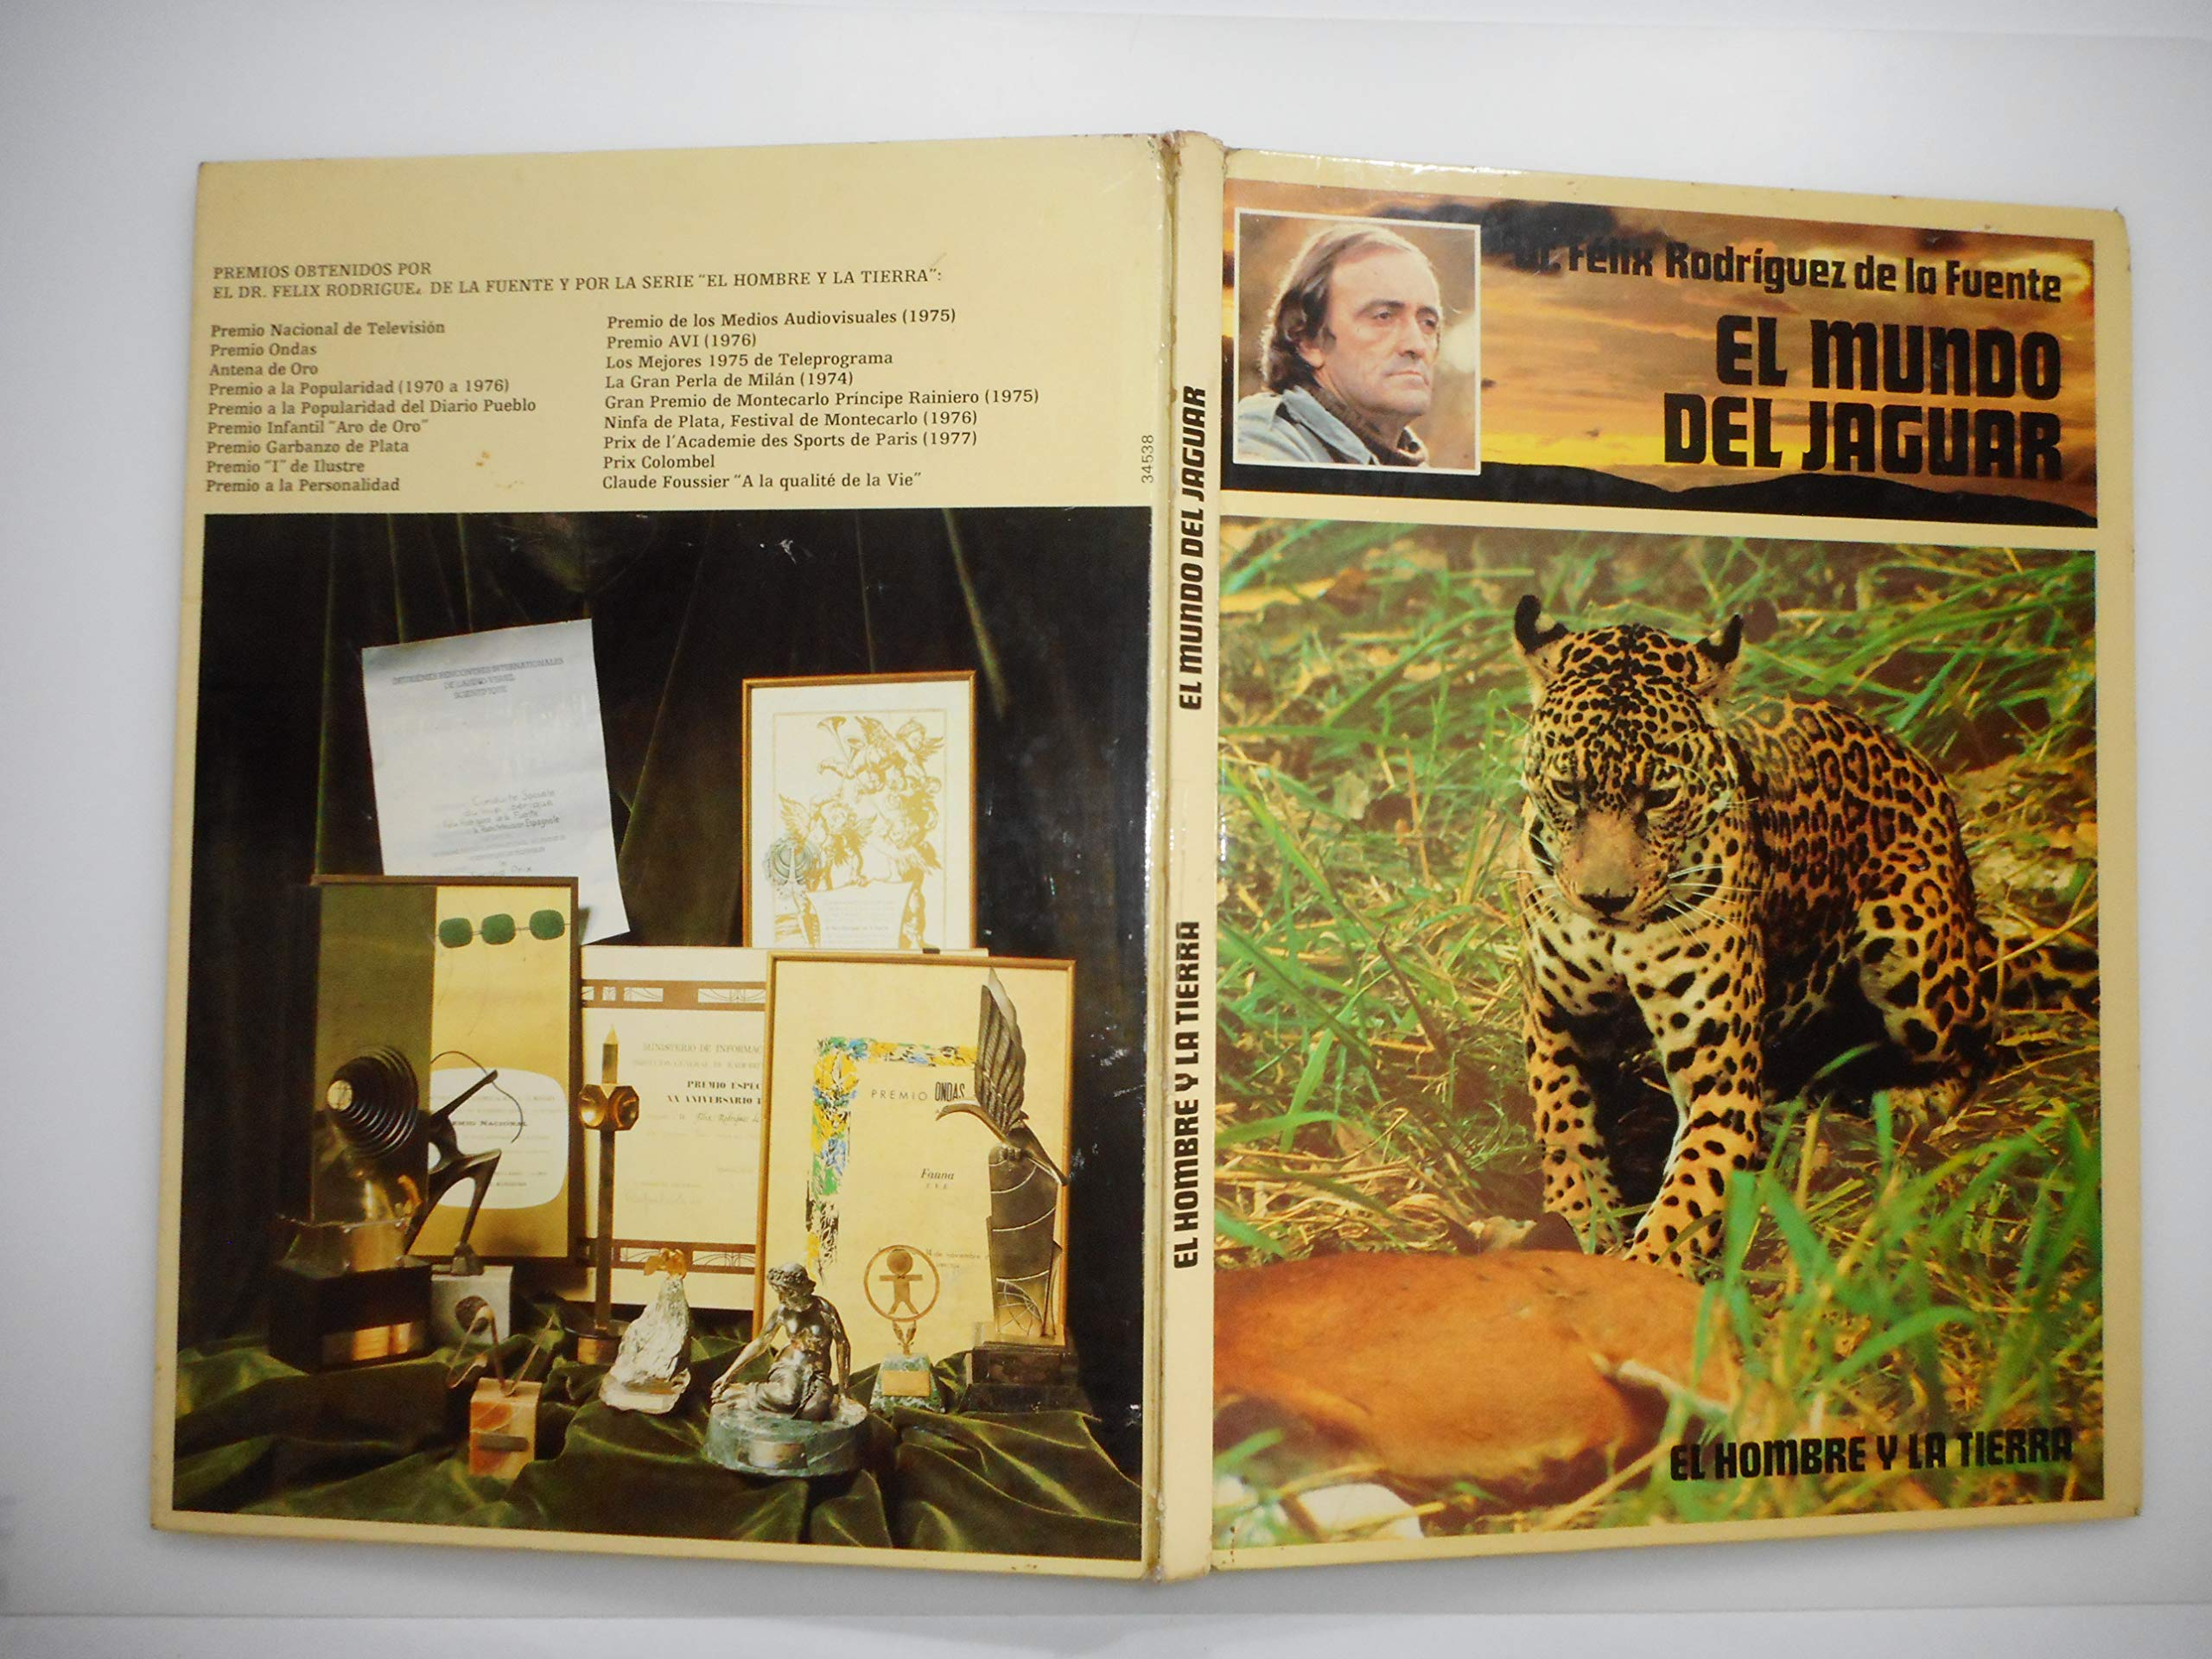 El mundo del jaguar: Amazon.es: Felix Rodriguez de la Fuente ...